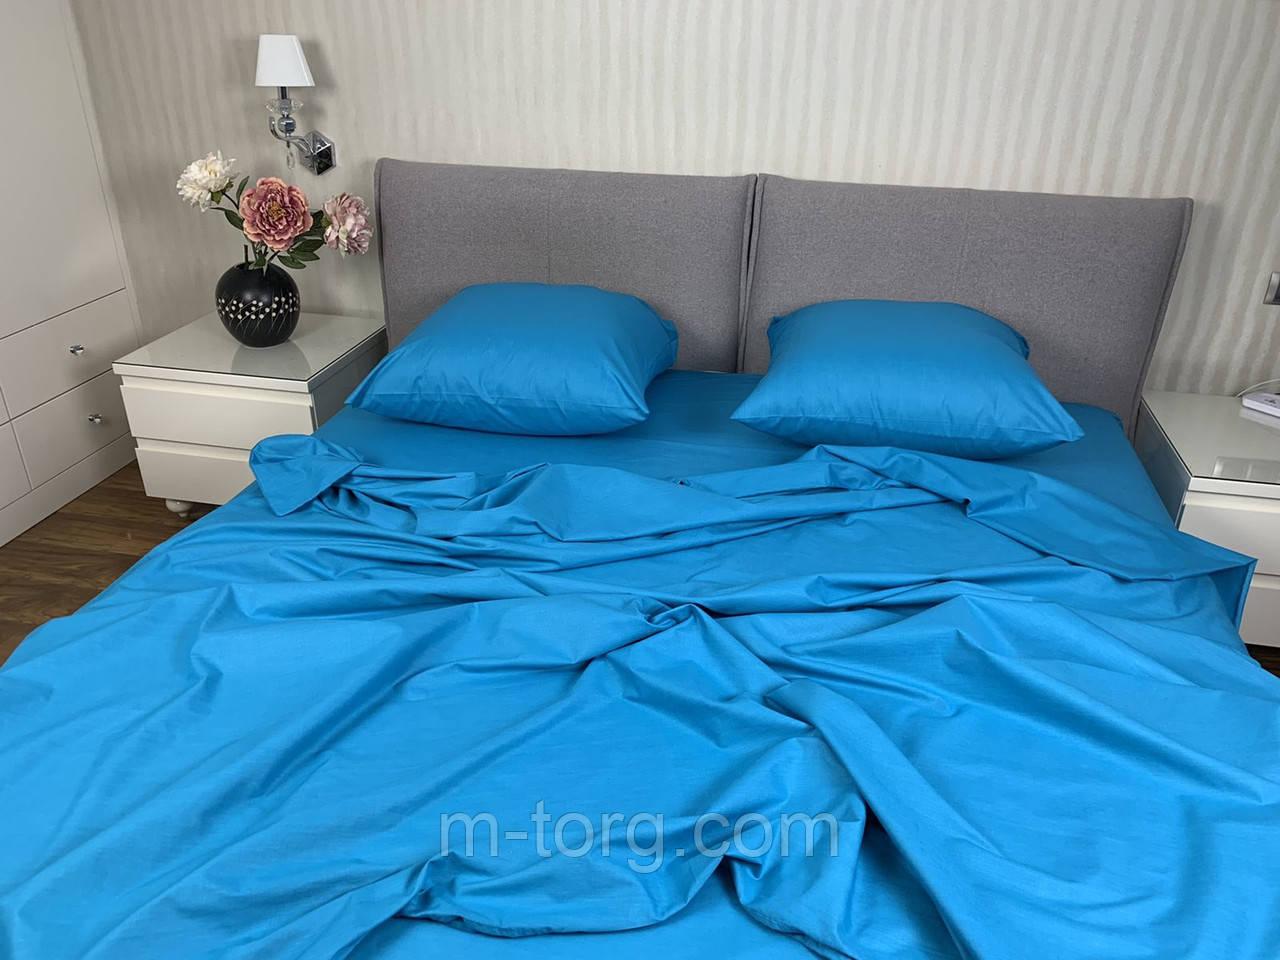 Комплект постельного белья евро размер 200/220 см, простынь 220/240 см, нав-ки 70/70,ткань бязь 100% хлопок